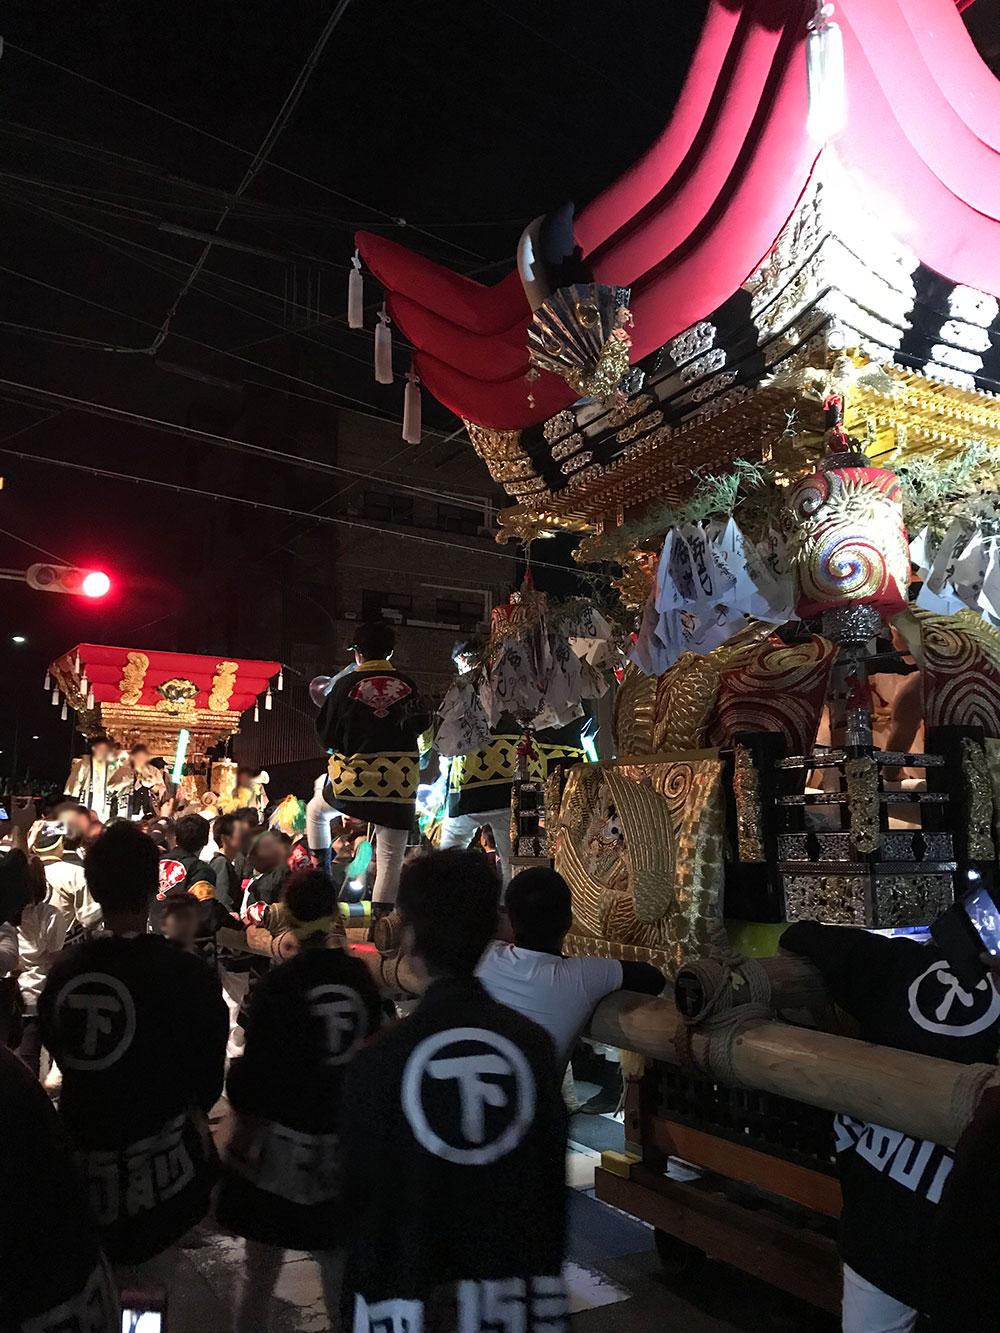 播州一デカくて荒っぽい練りを魅せる下町屋台、今年本宮の宮出では、屋根がズレるハプニングもありました。by.ヨシ太郎さん